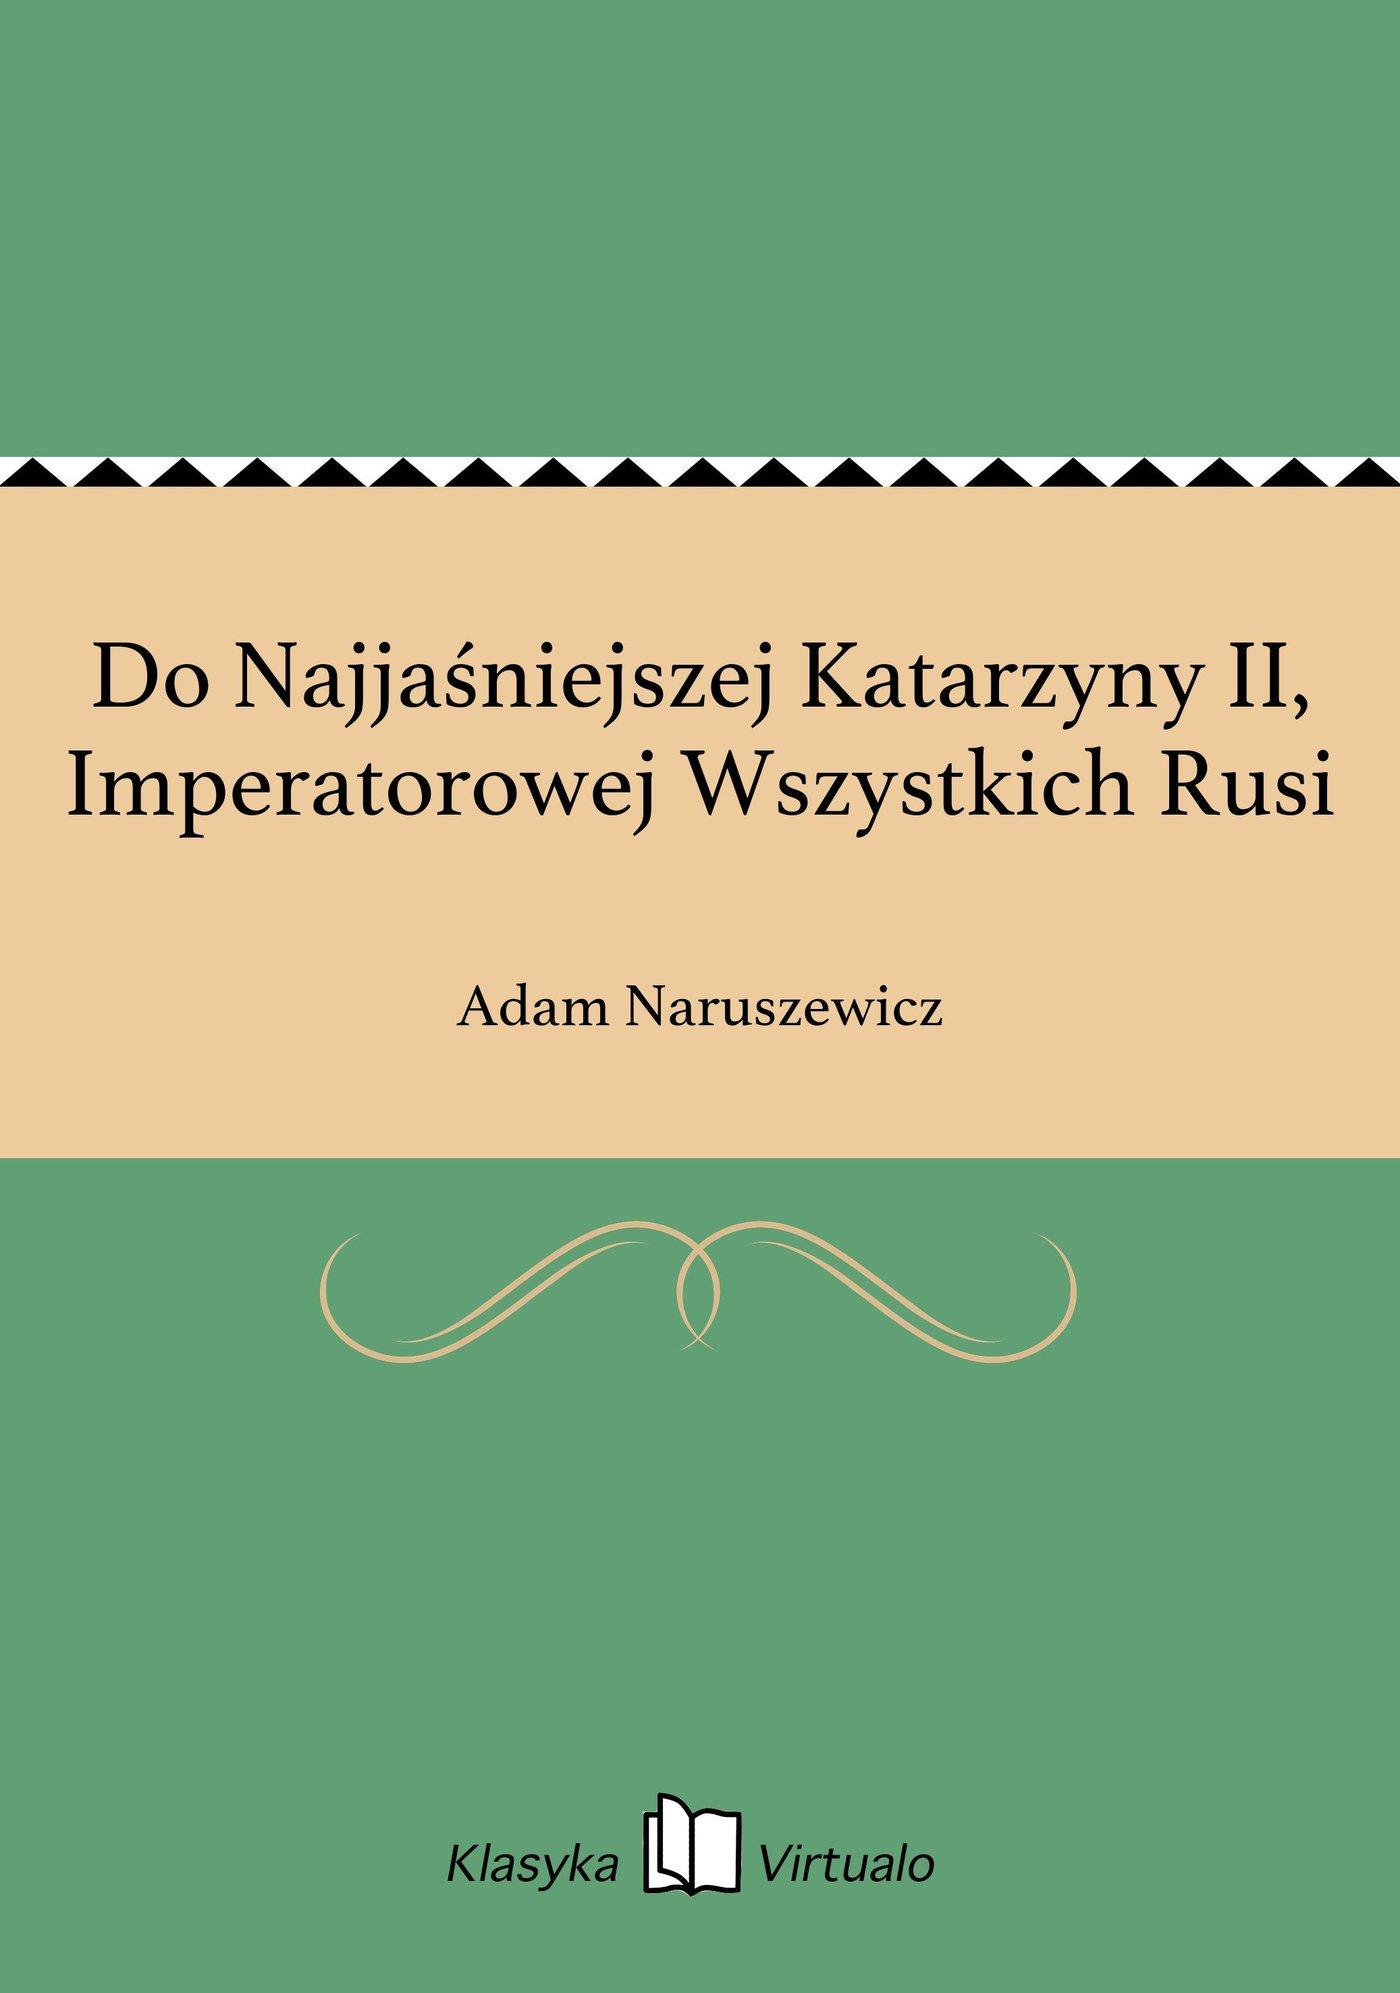 Do Najjaśniejszej Katarzyny II, Imperatorowej Wszystkich Rusi - Ebook (Książka EPUB) do pobrania w formacie EPUB